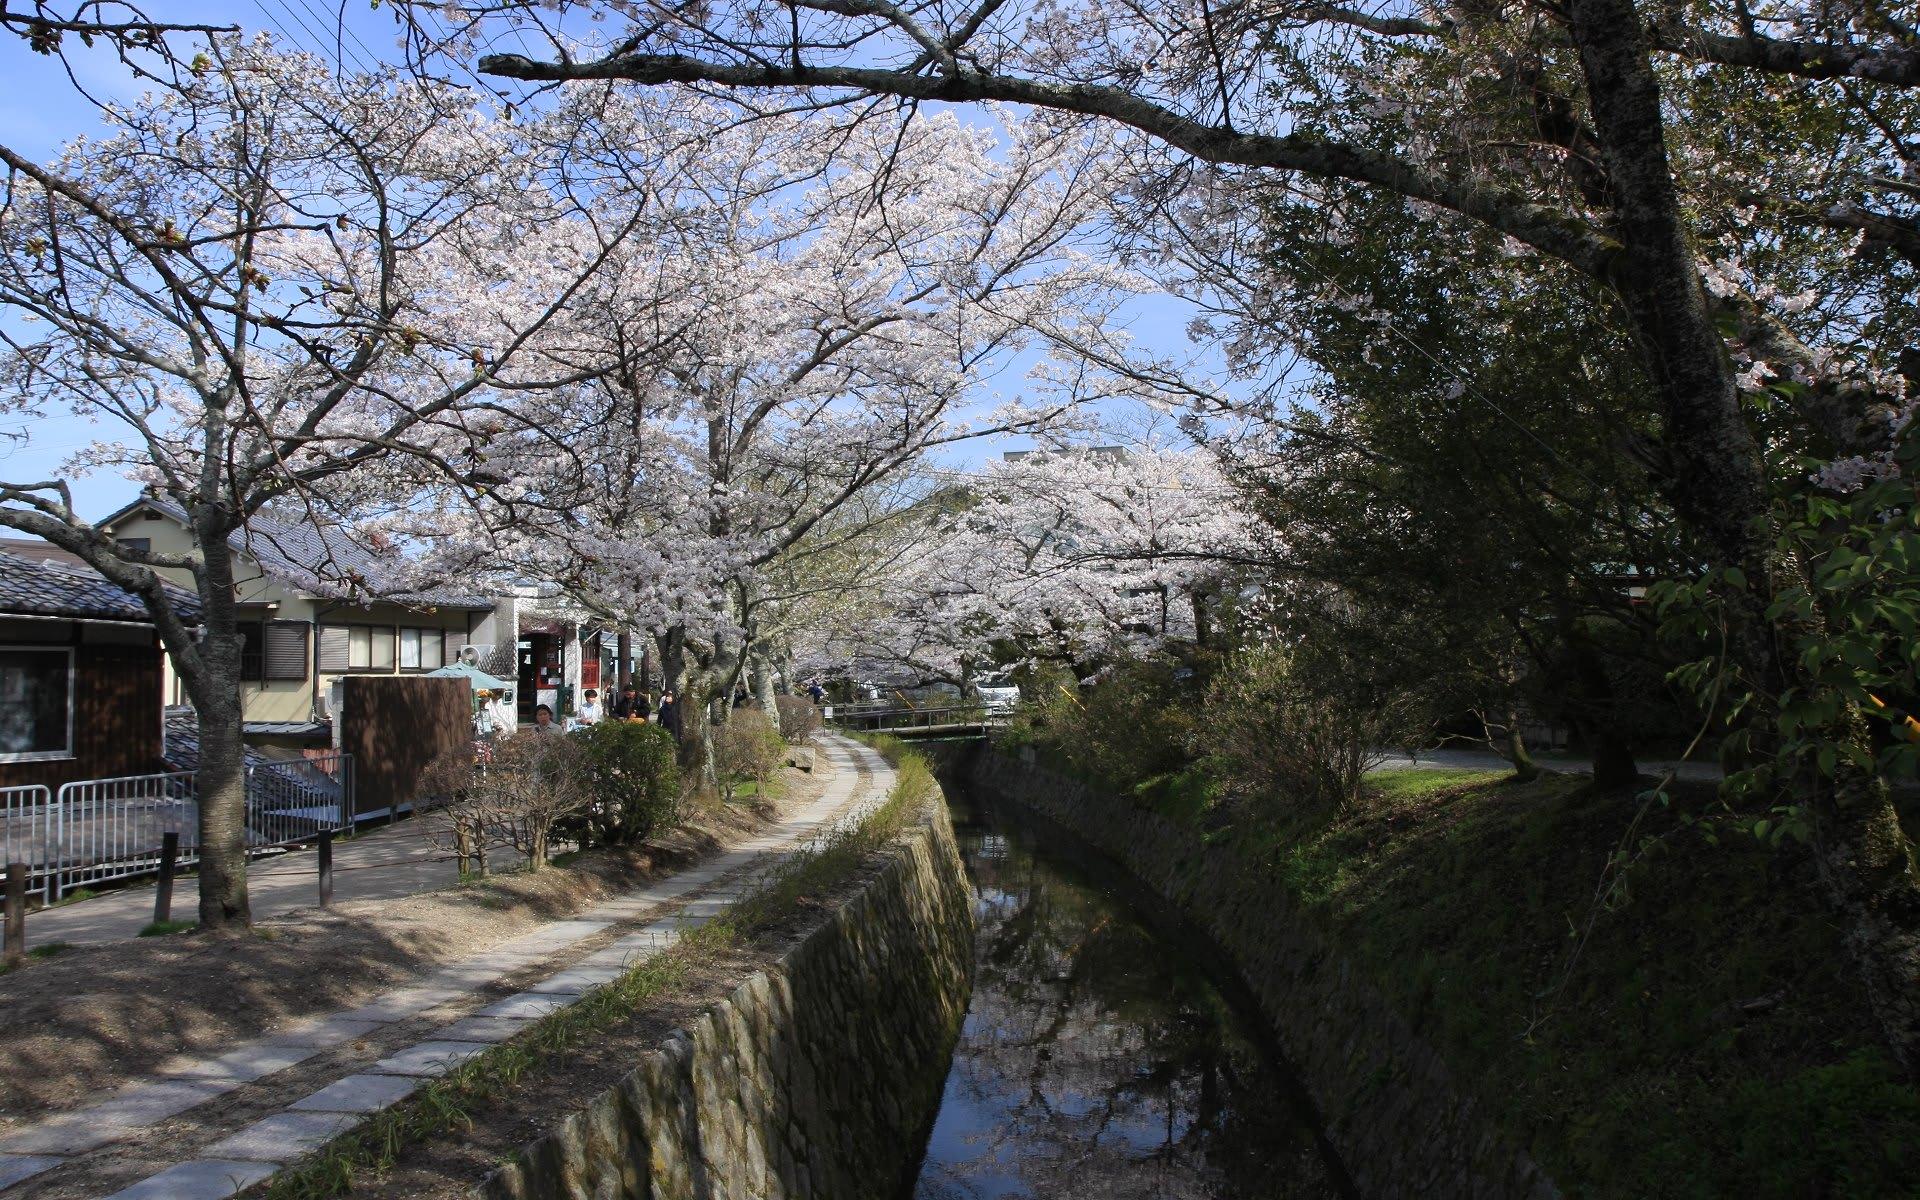 哲学の道 桜の壁紙その2 計34枚 壁紙 日々駄文